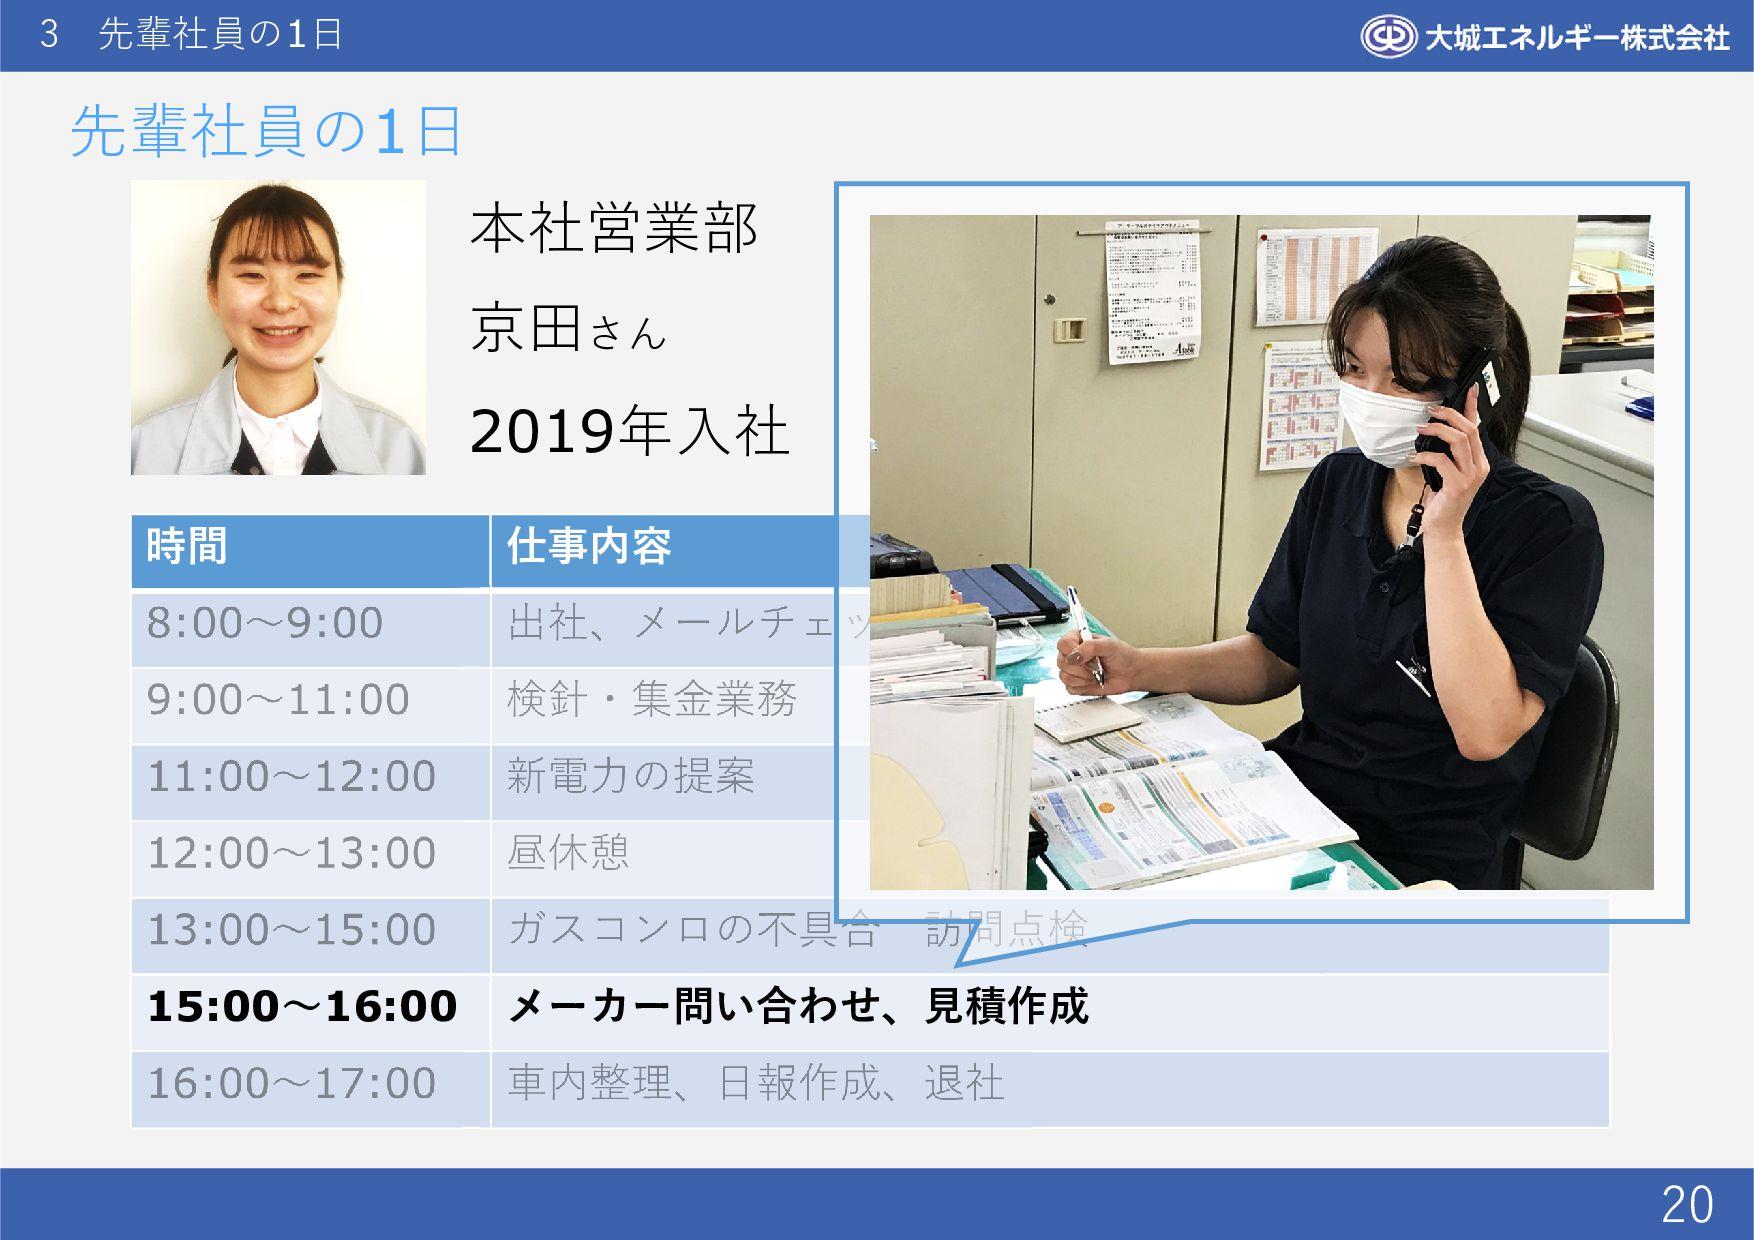 時間 仕事内容 15:00~16:00 メーカー問い合わせ、見積作成 3 先輩社員の1日 20...